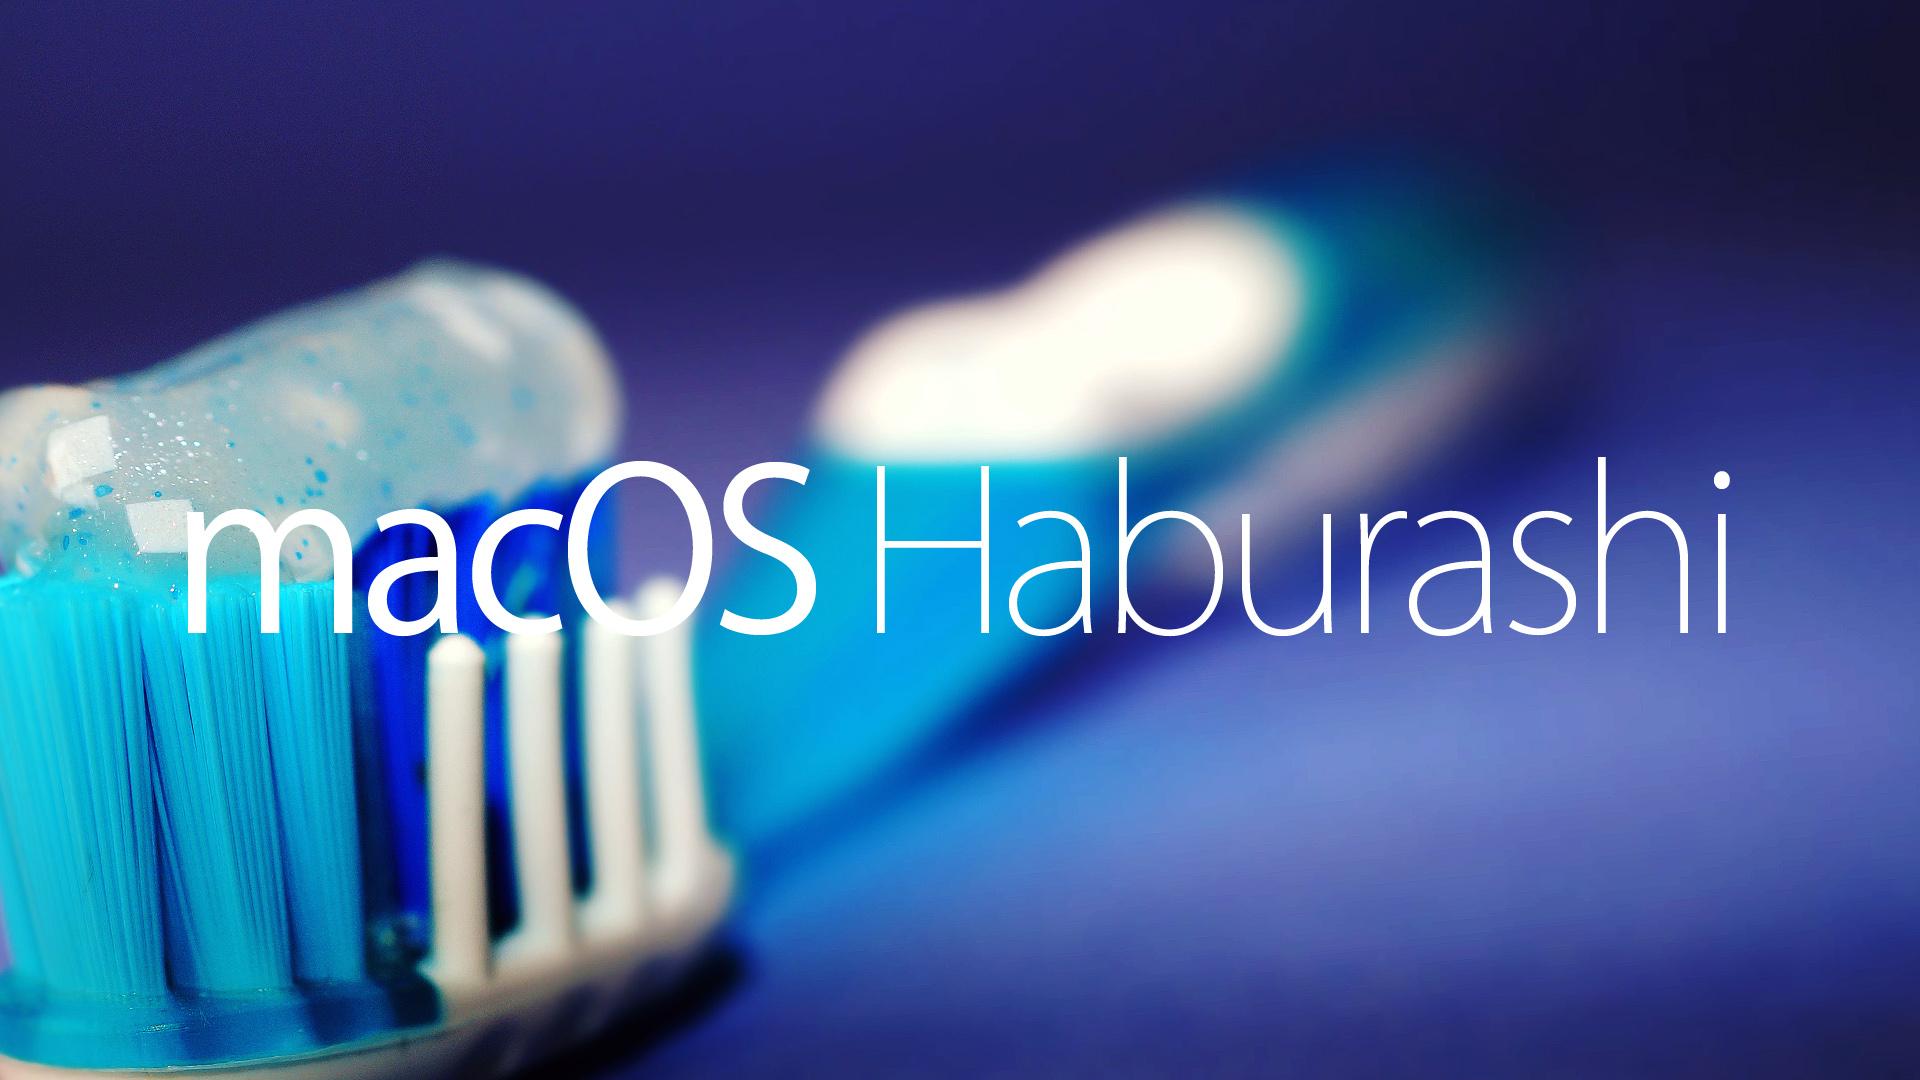 Mac OS Haburashi